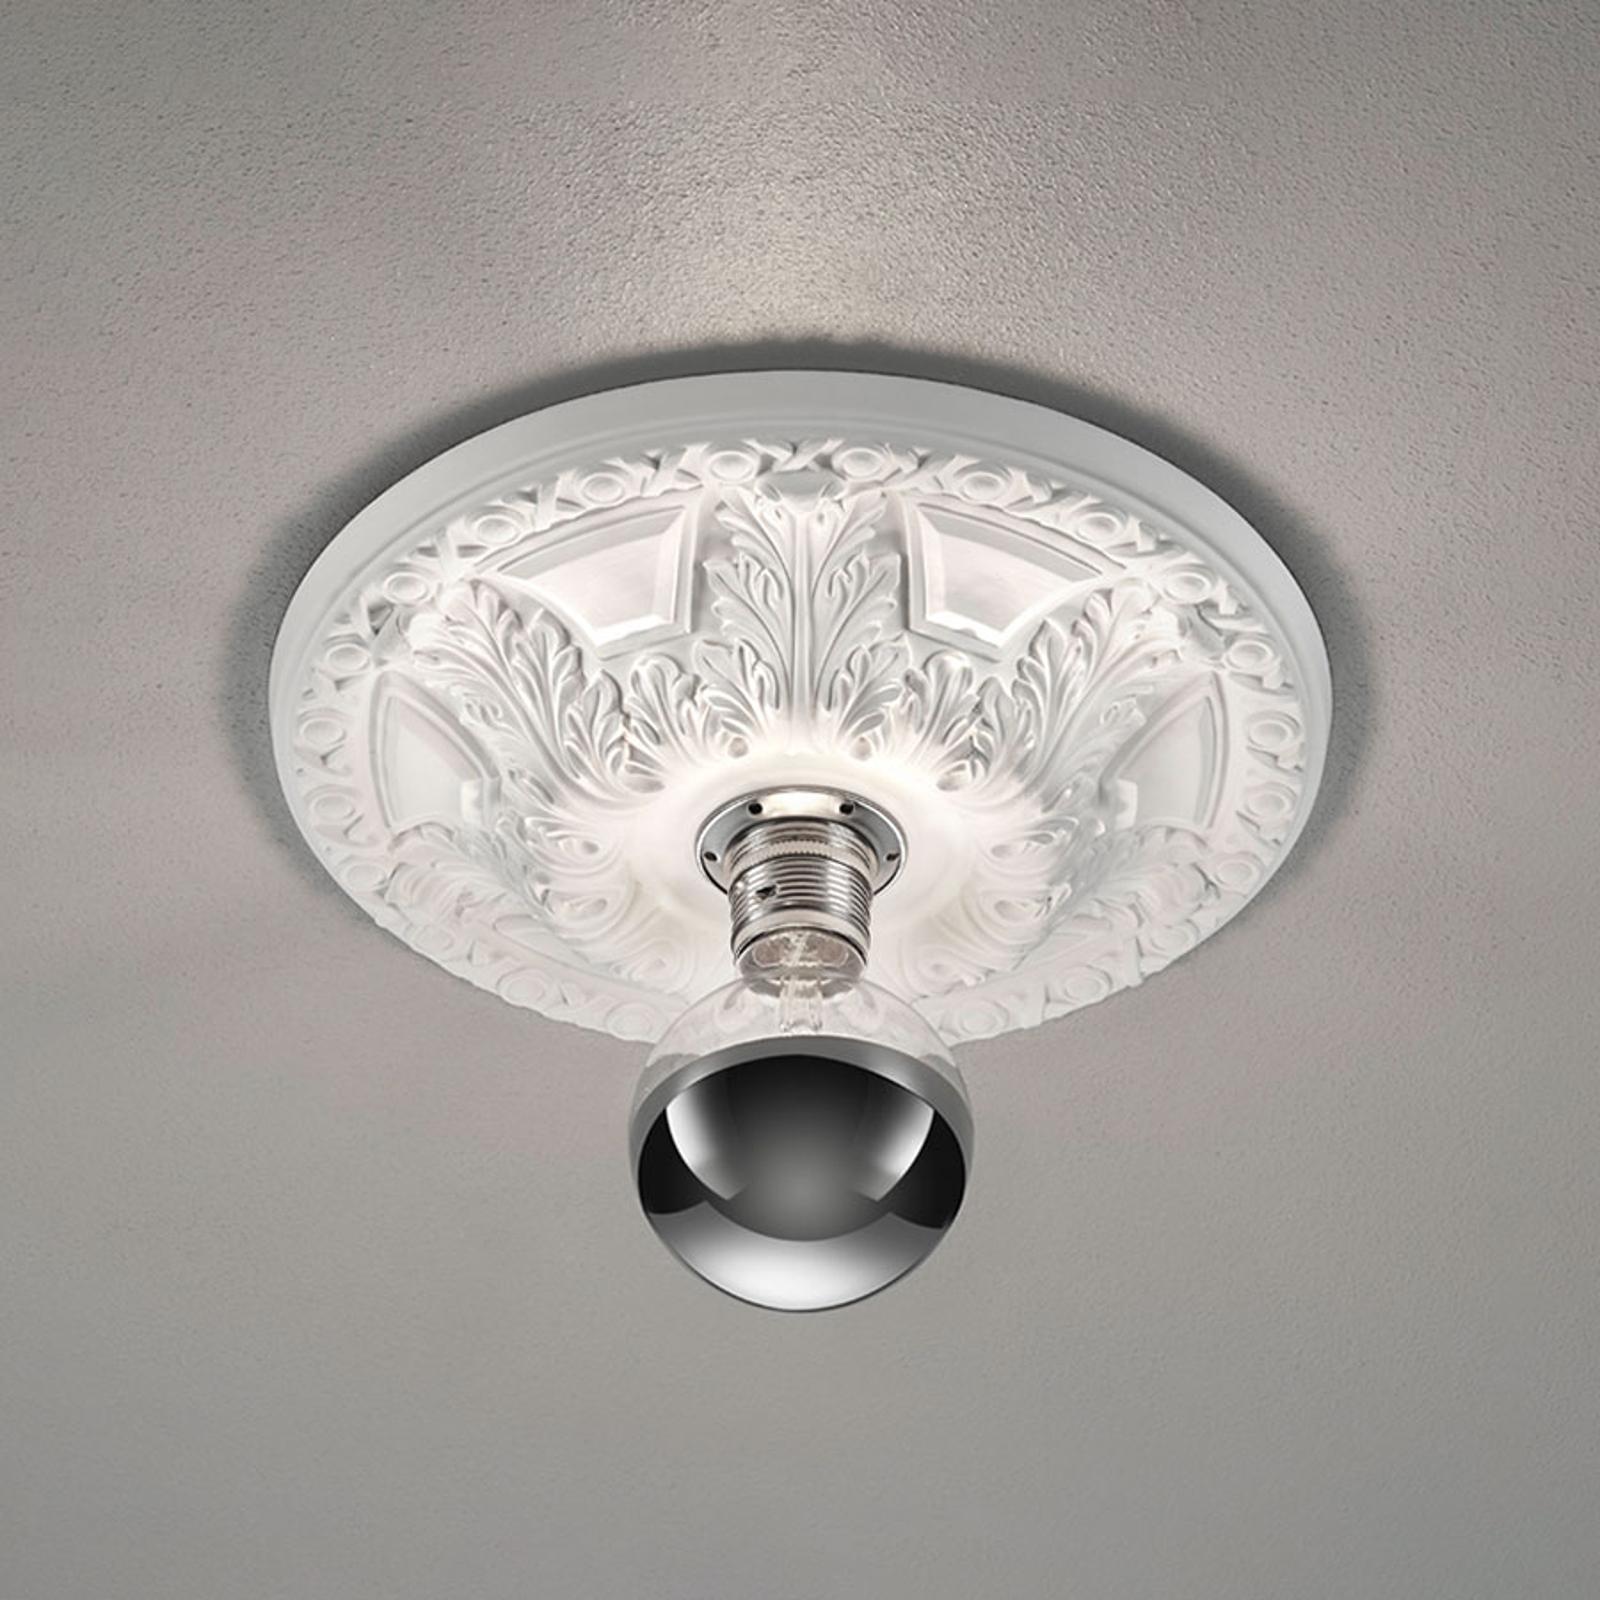 Lampa sufitowa Lilly, gips, stiukowa Ø 30 cm